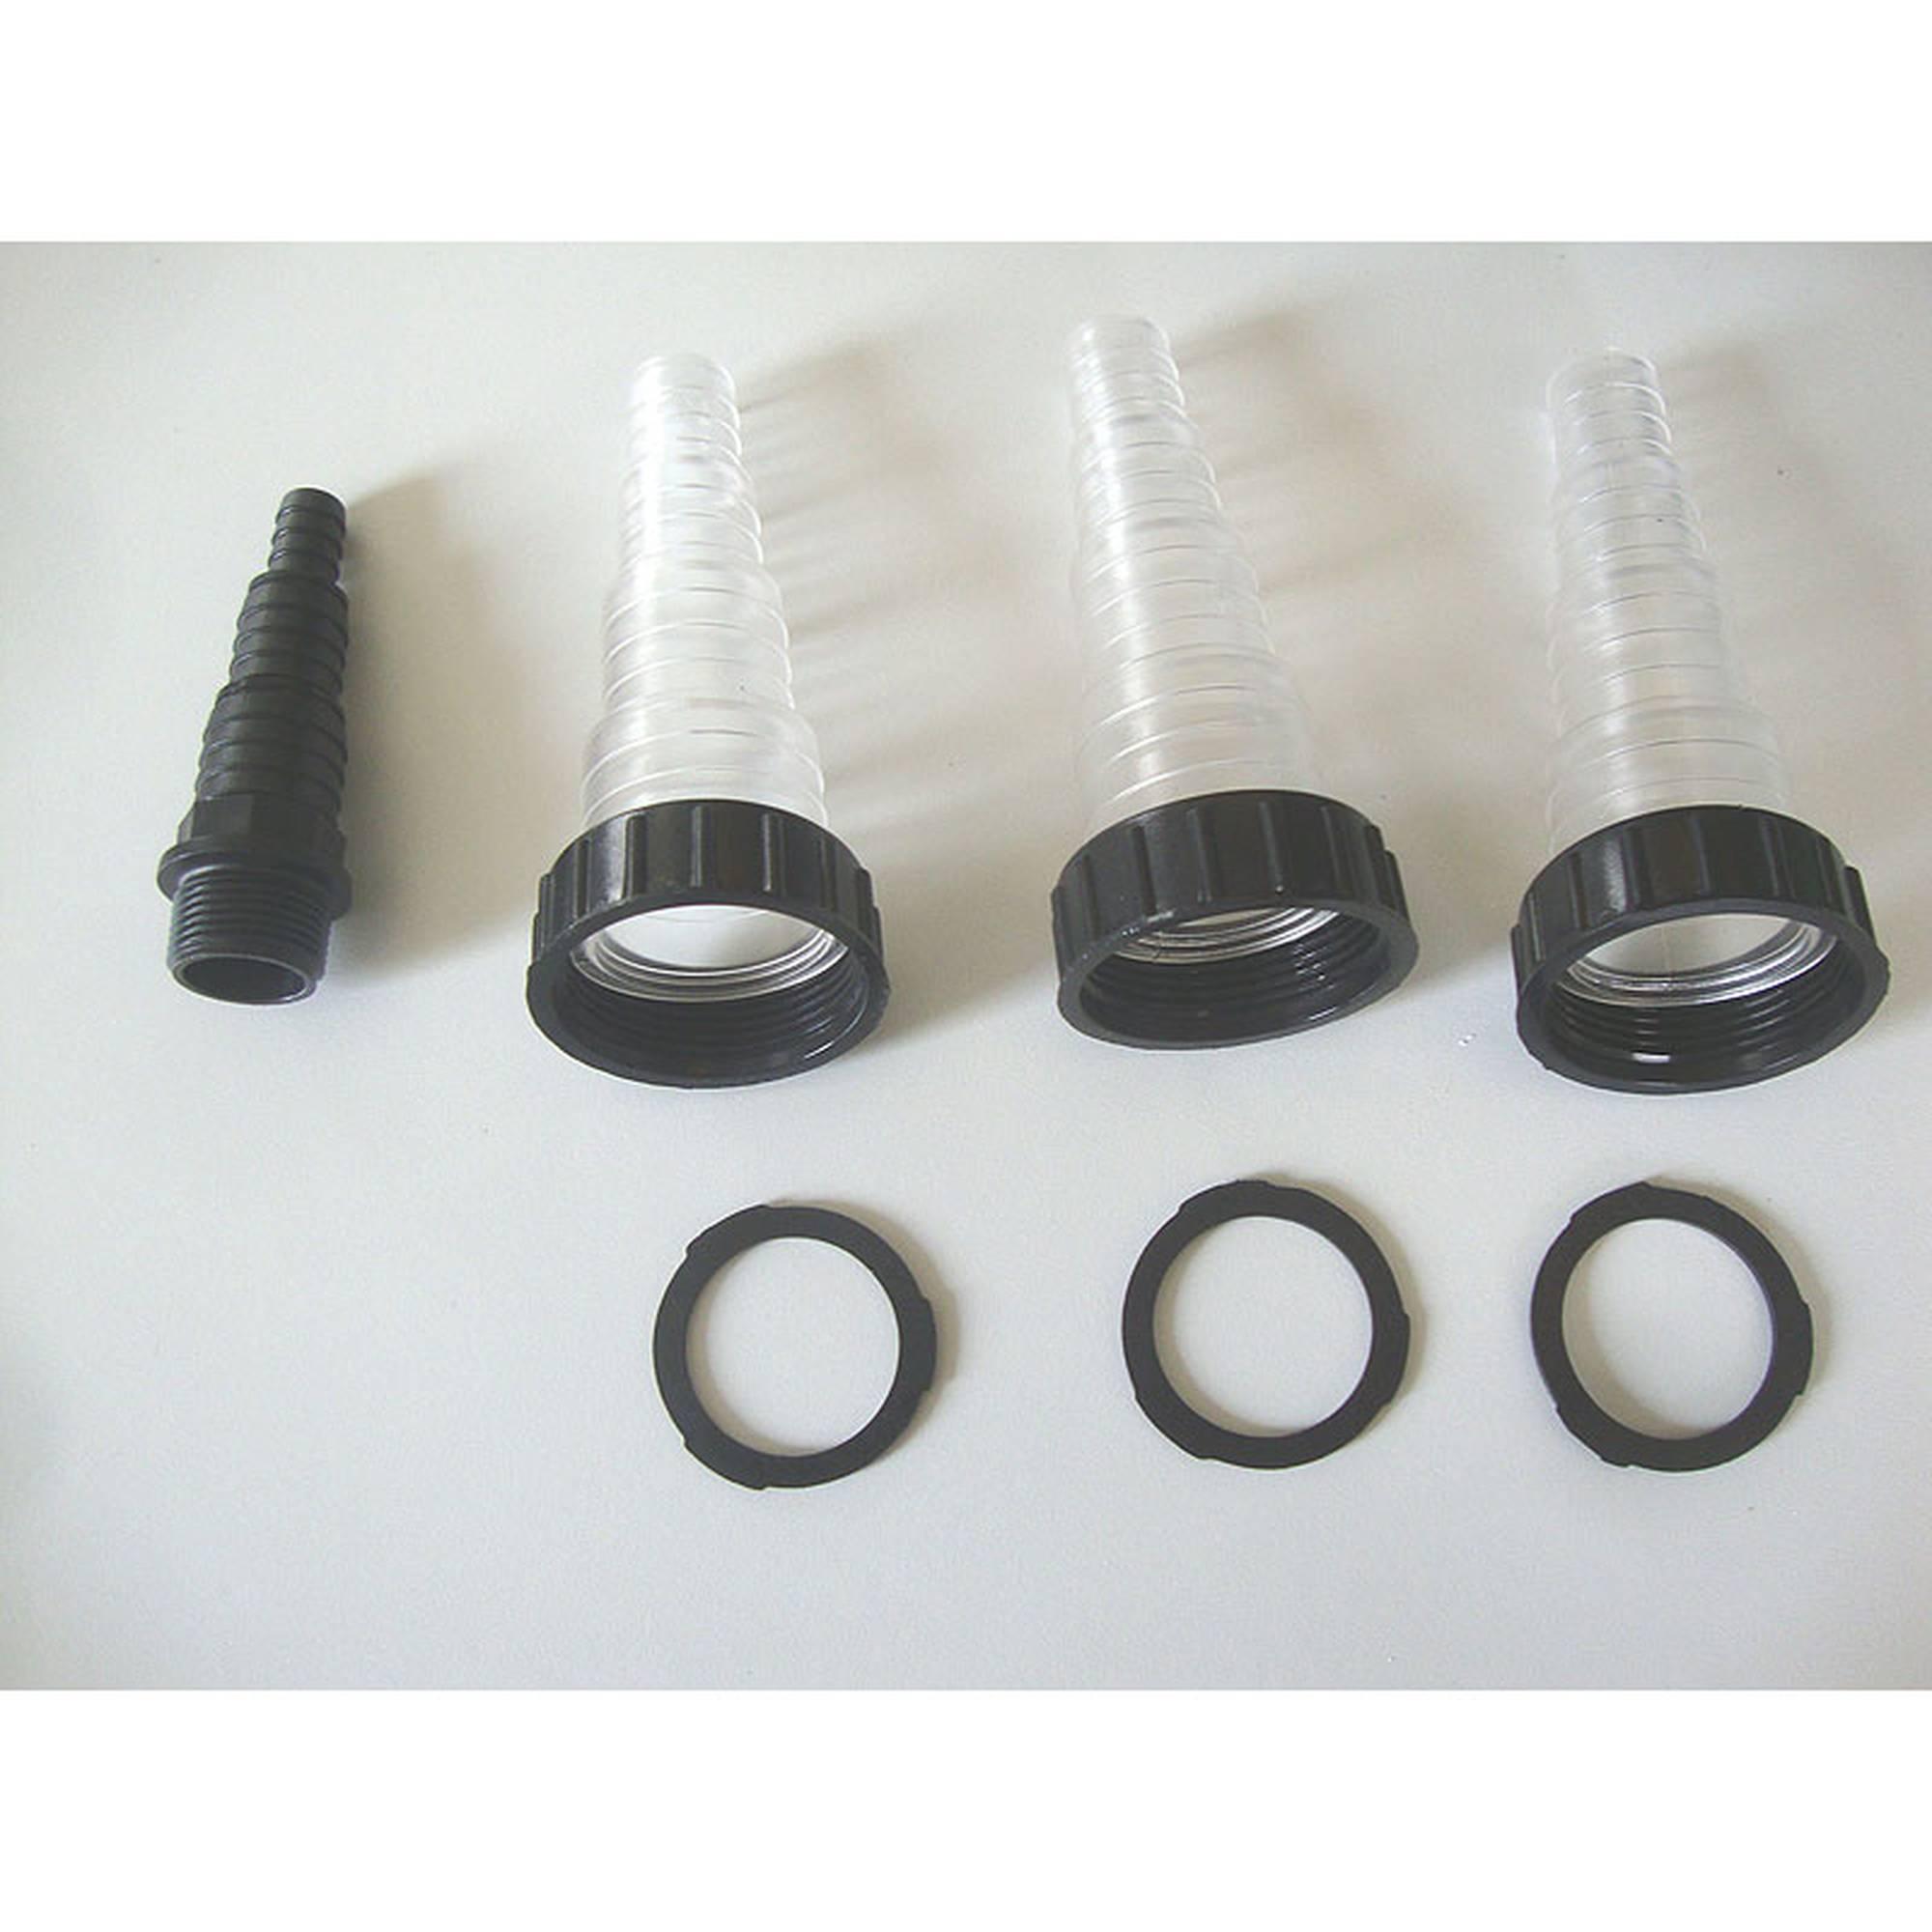 Schlauchanschluss+Überwurfmutter, F9000, FPU10000, FPU15000